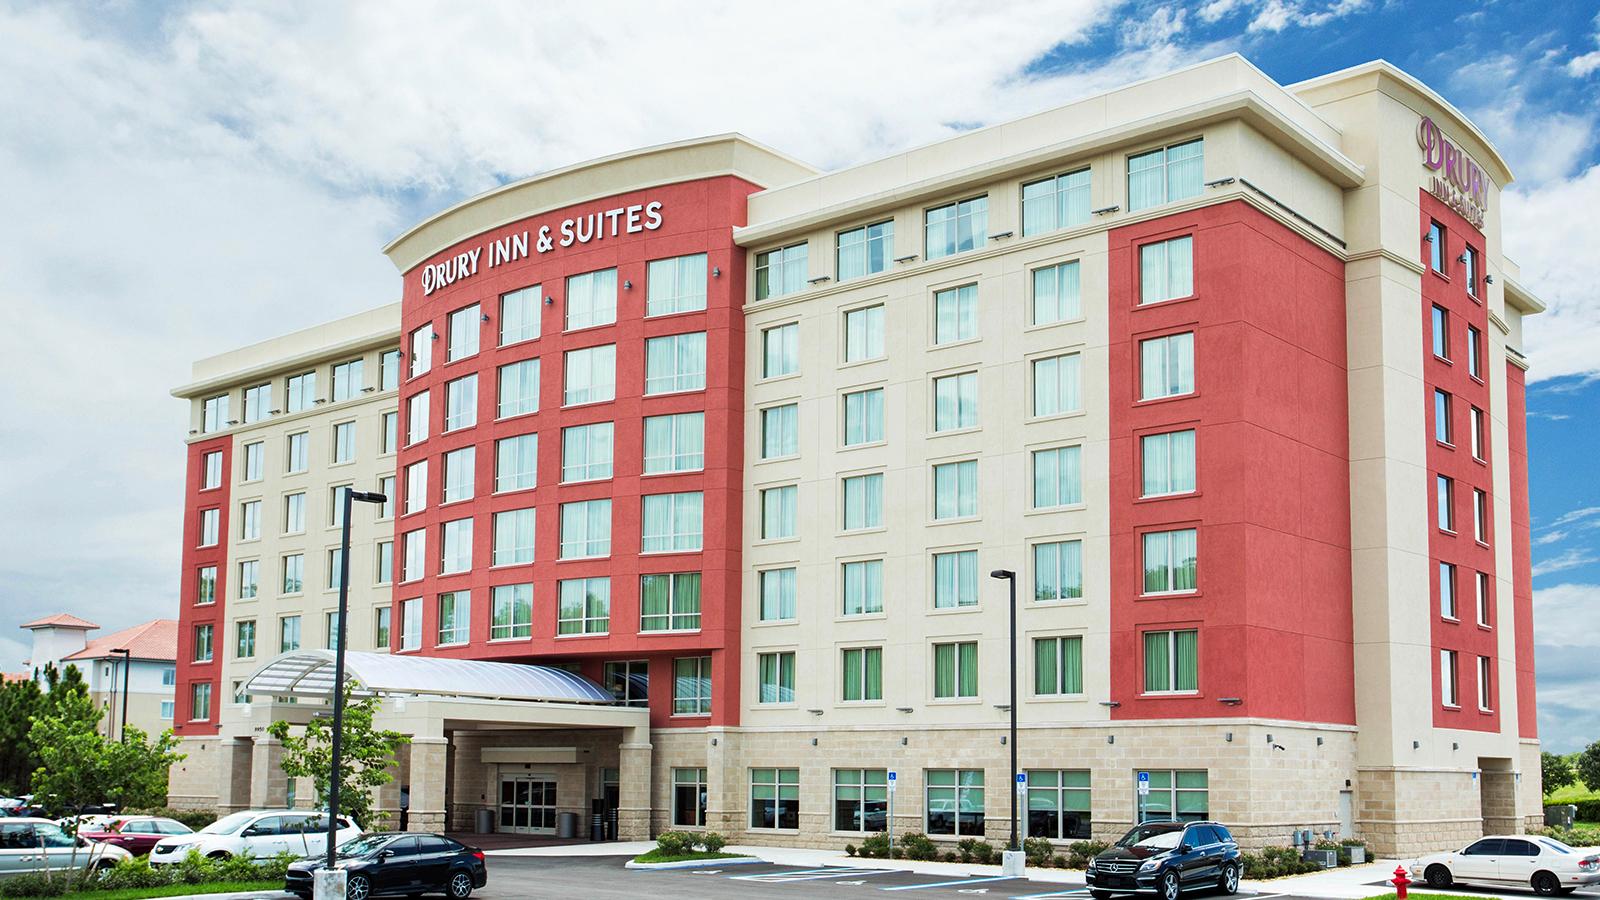 Drury Hotels Signage